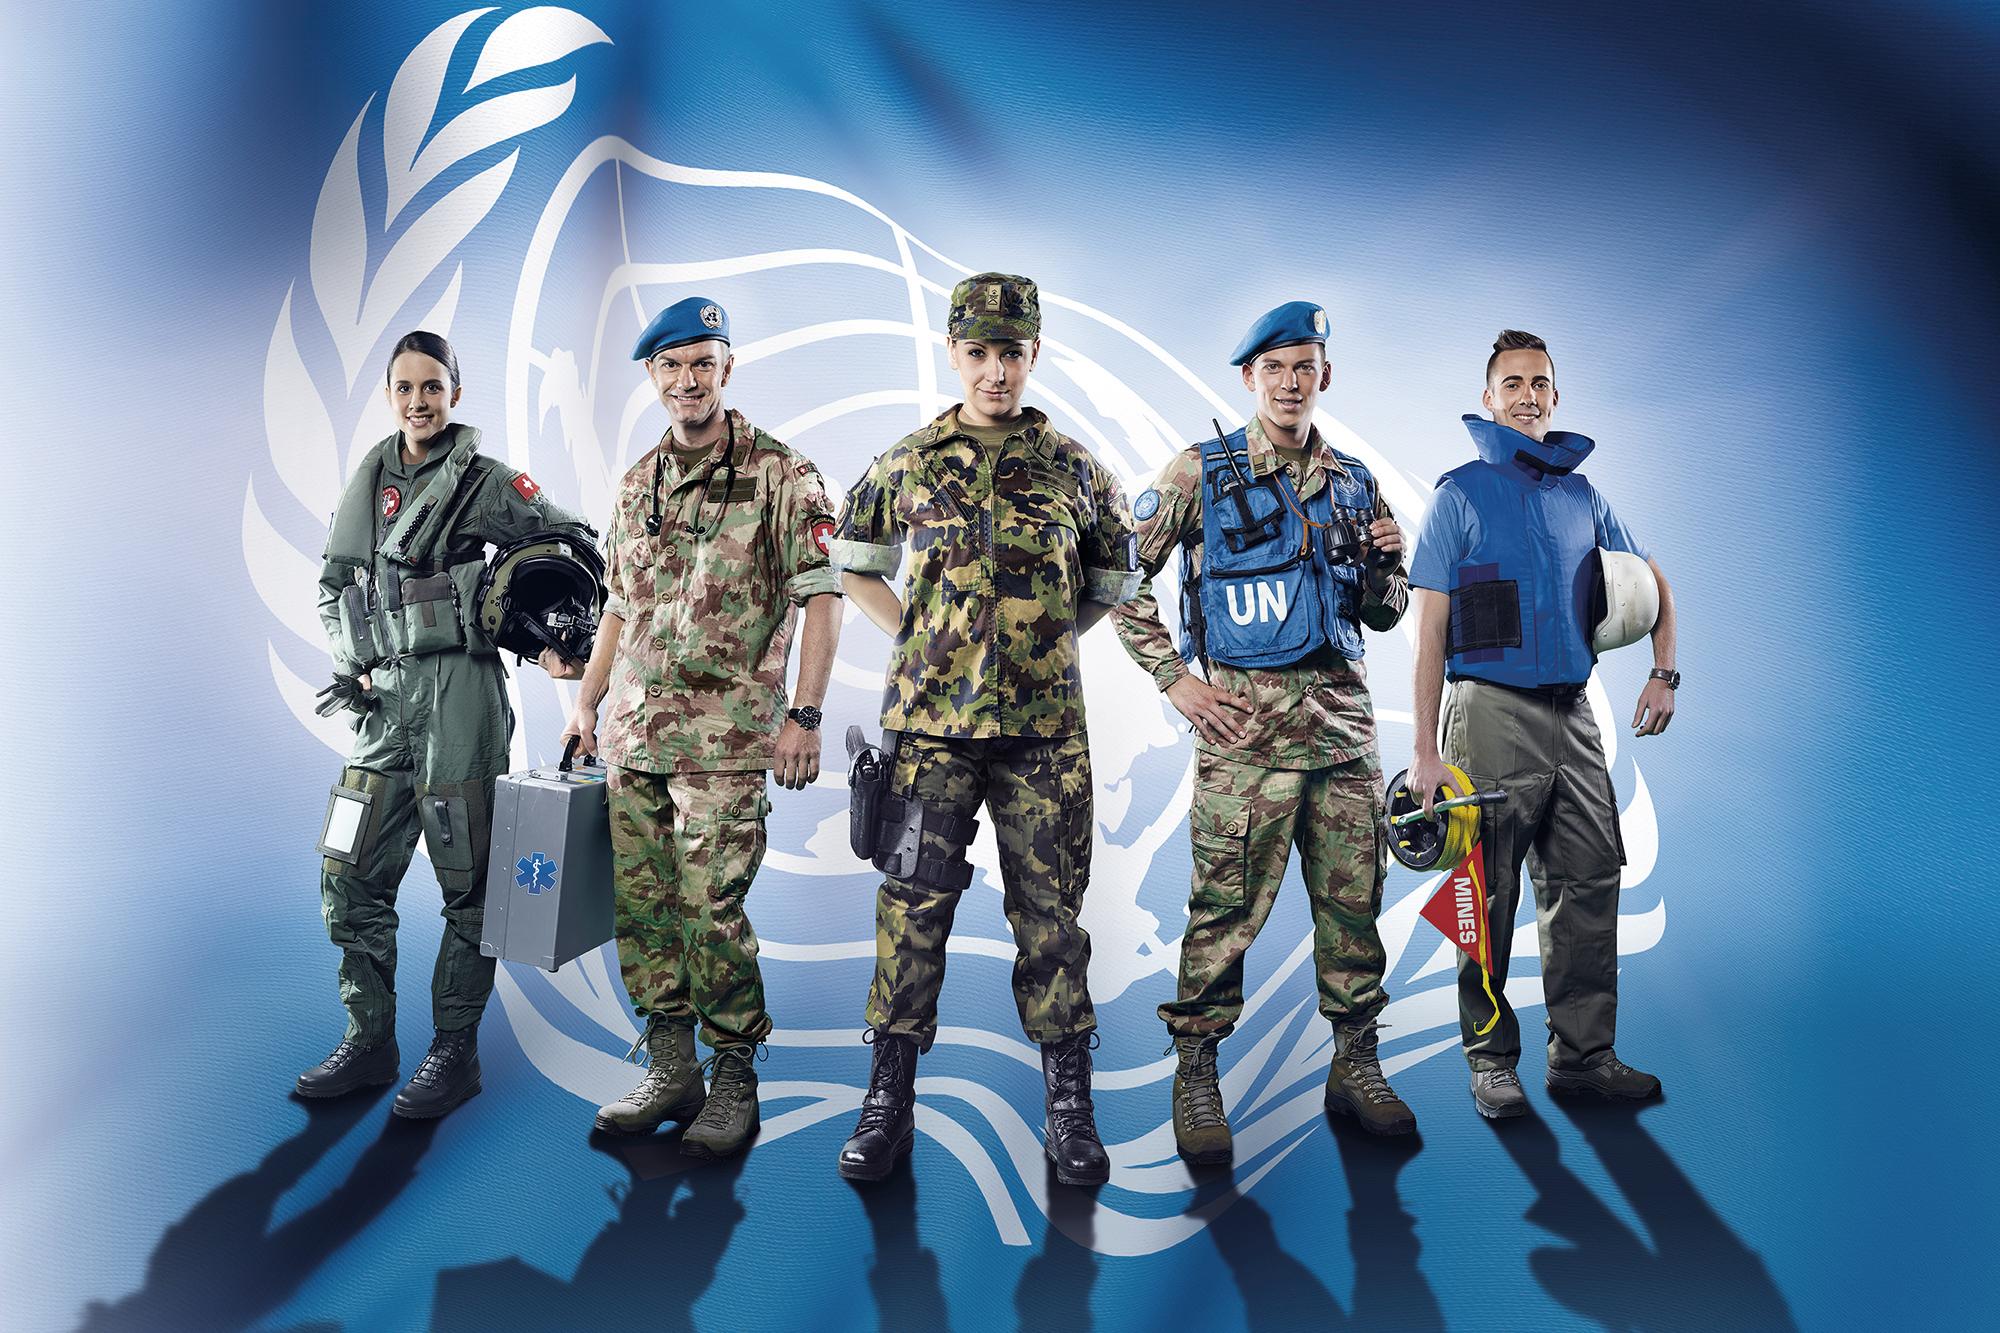 Werbefotografie für die VBS UN-Mission